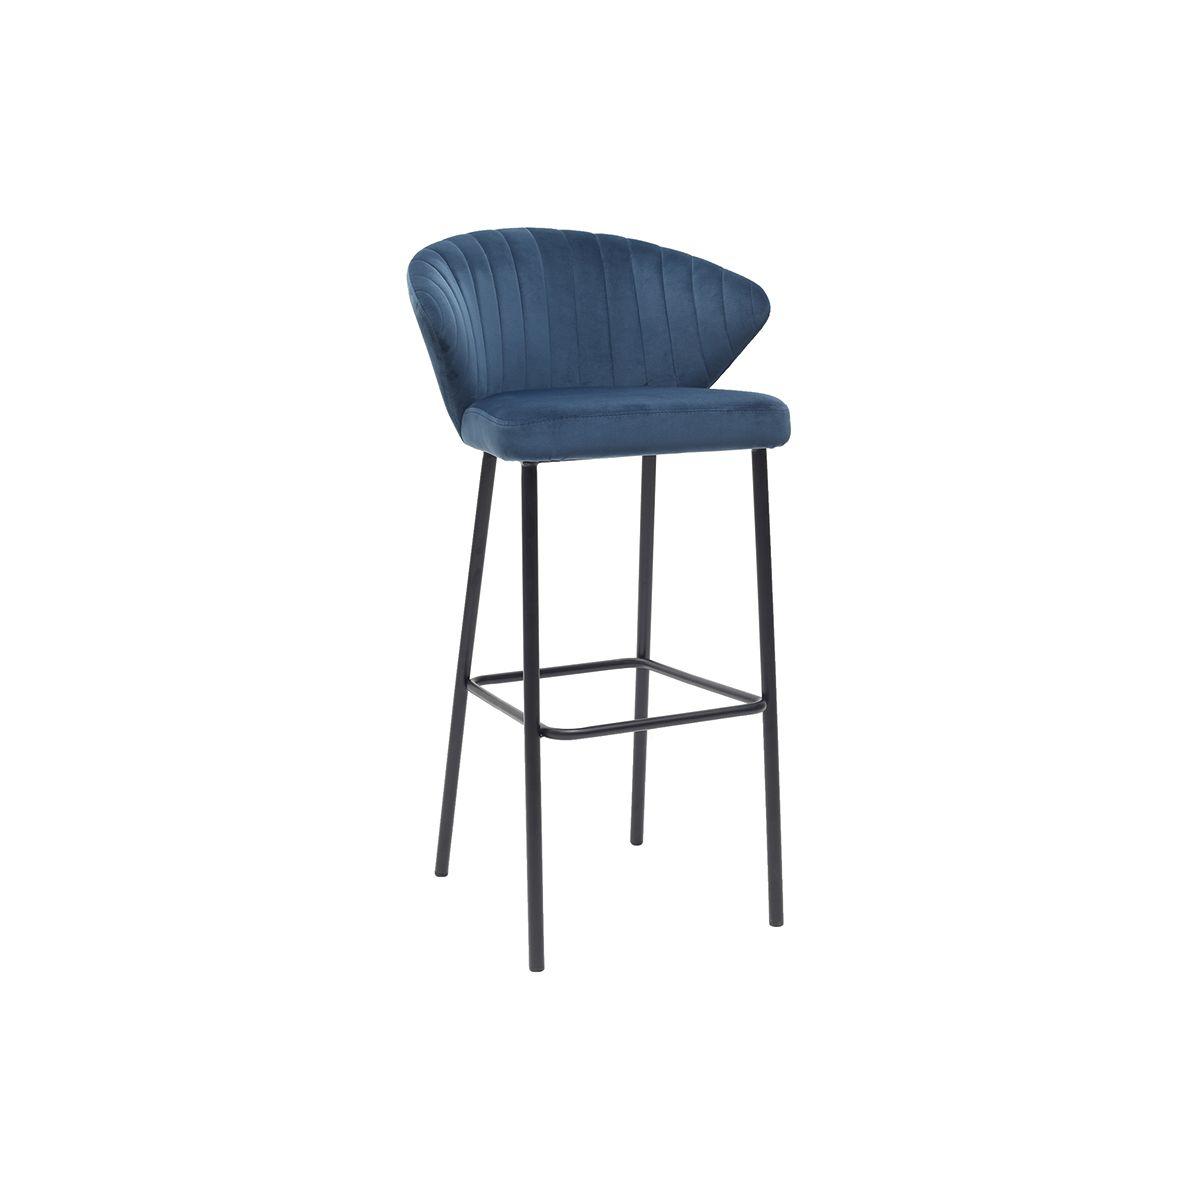 Sgabello da bar design in velluto blu 75 cm DALLY Offerte e sconti